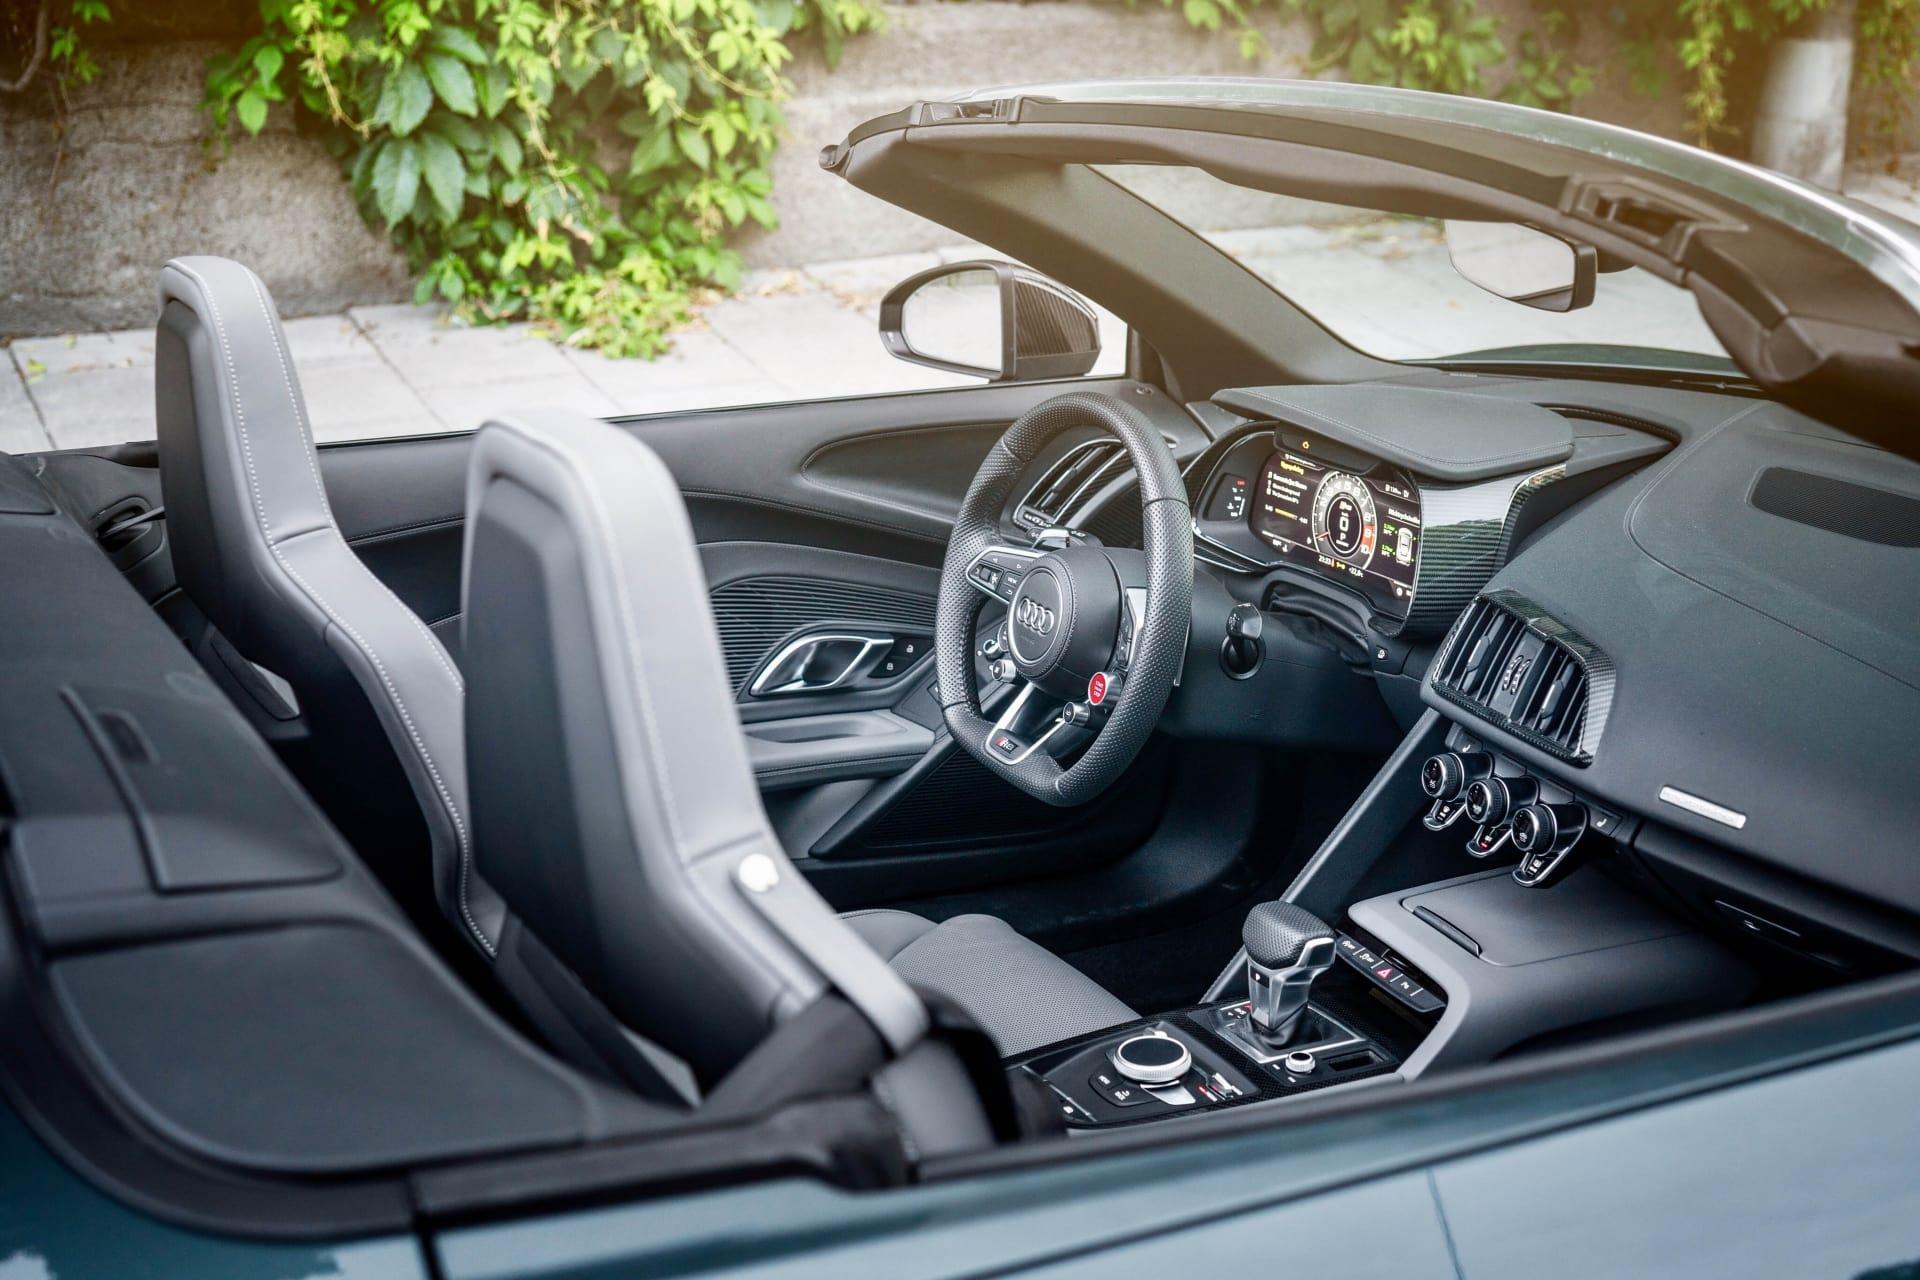 R8 är redan en låg bil i coupé utförandet och som spyder och ned nedfällt tak ännu lägre. Vecken på dörrarnas sidor driver luft till intagen bakom som är klädda i kolfiber.